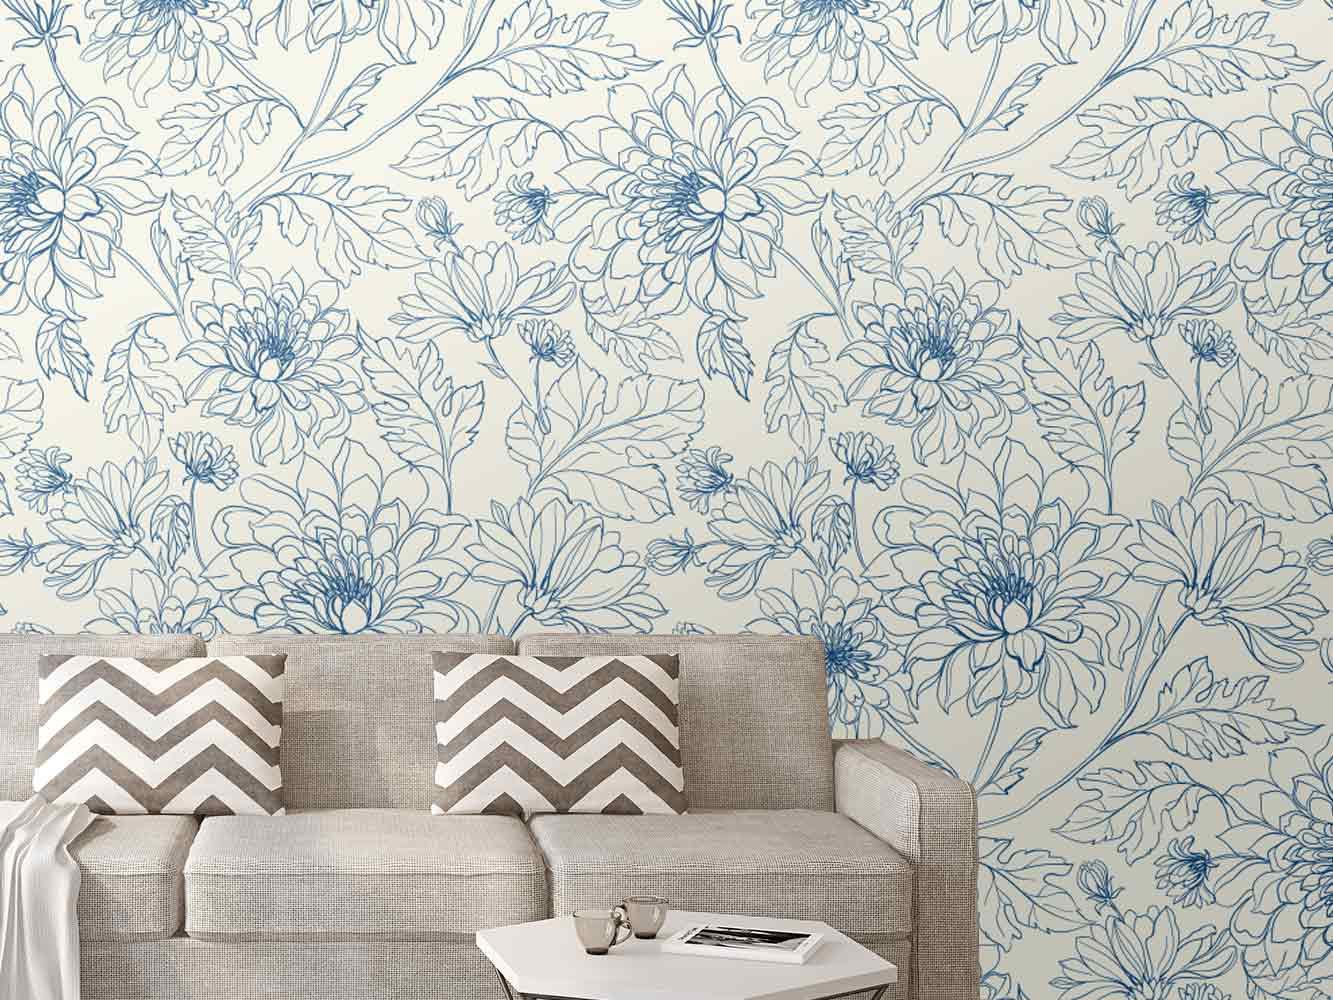 Fotomural Papel Pintado Arte Floral Azul | Carteles XXL - Impresión carteleria publicitaria